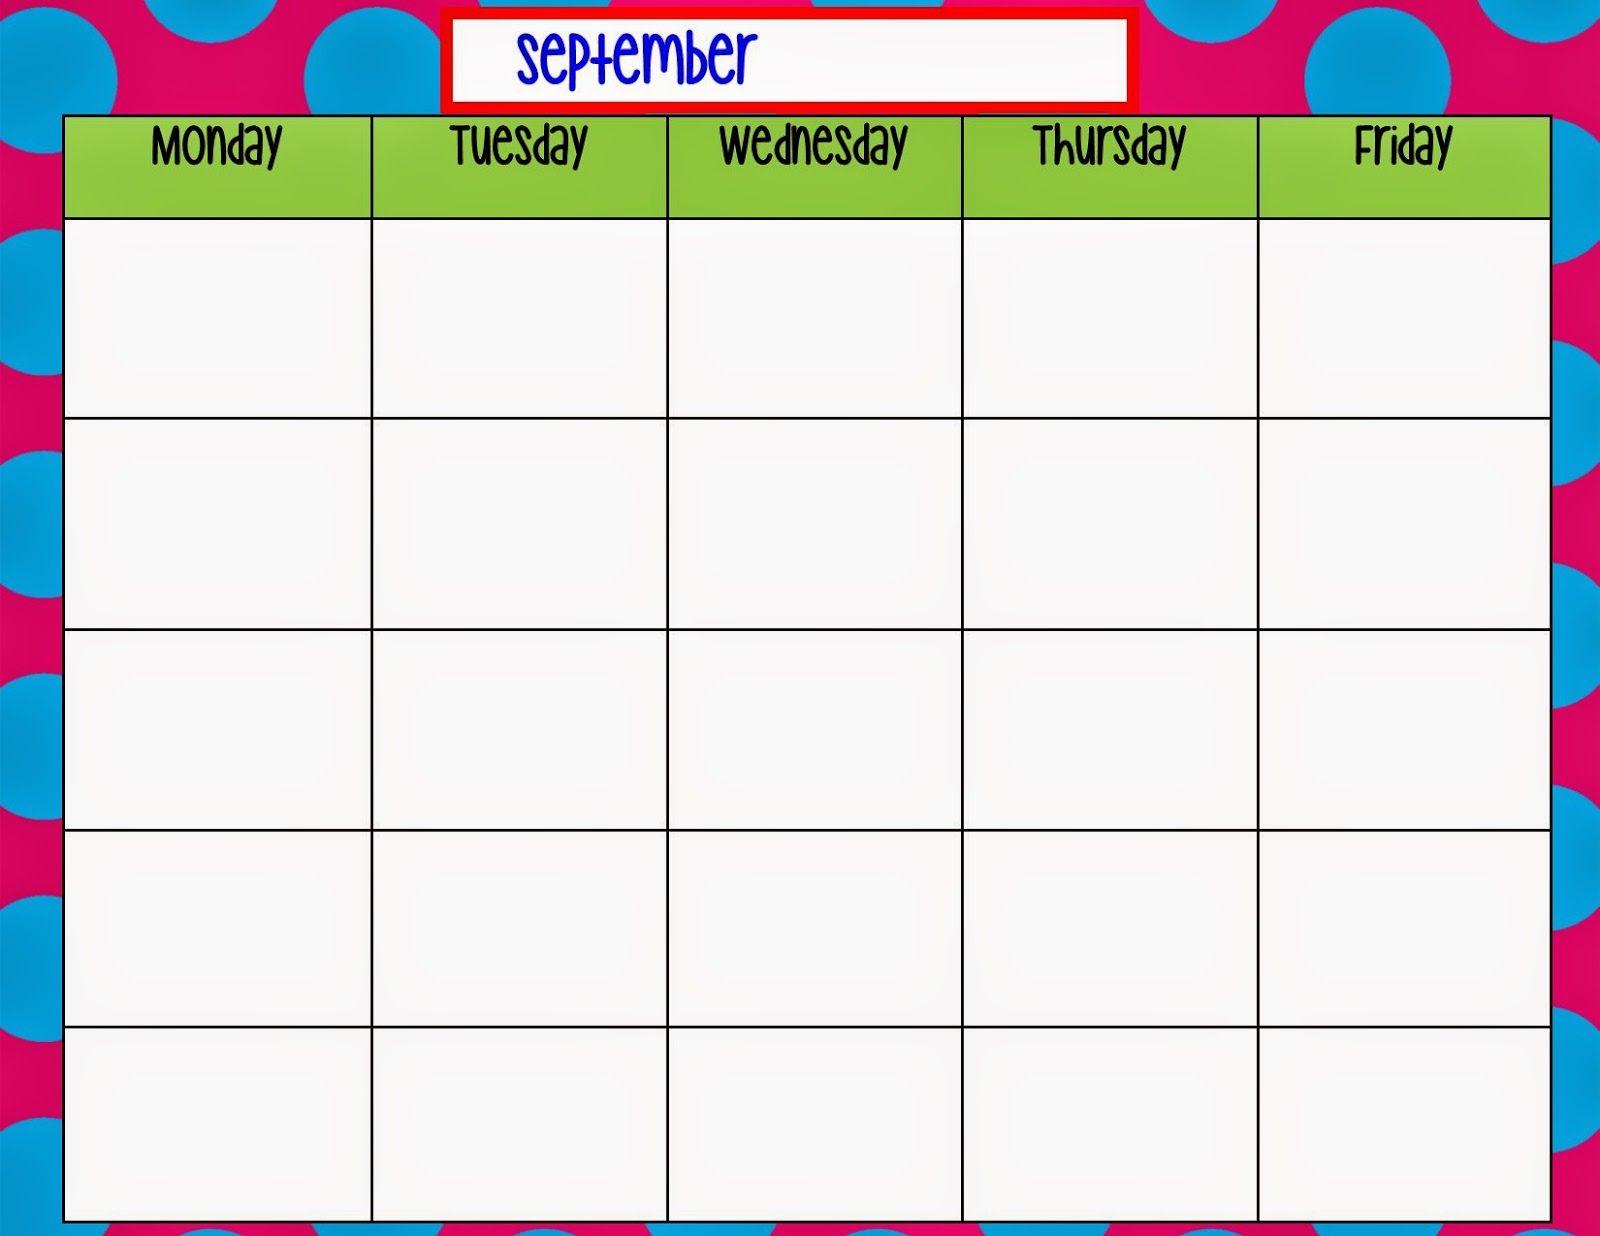 Monday Through Friday Calendar Template | Weekly Calendar inside Free Printable Monday Through Friday Calendar